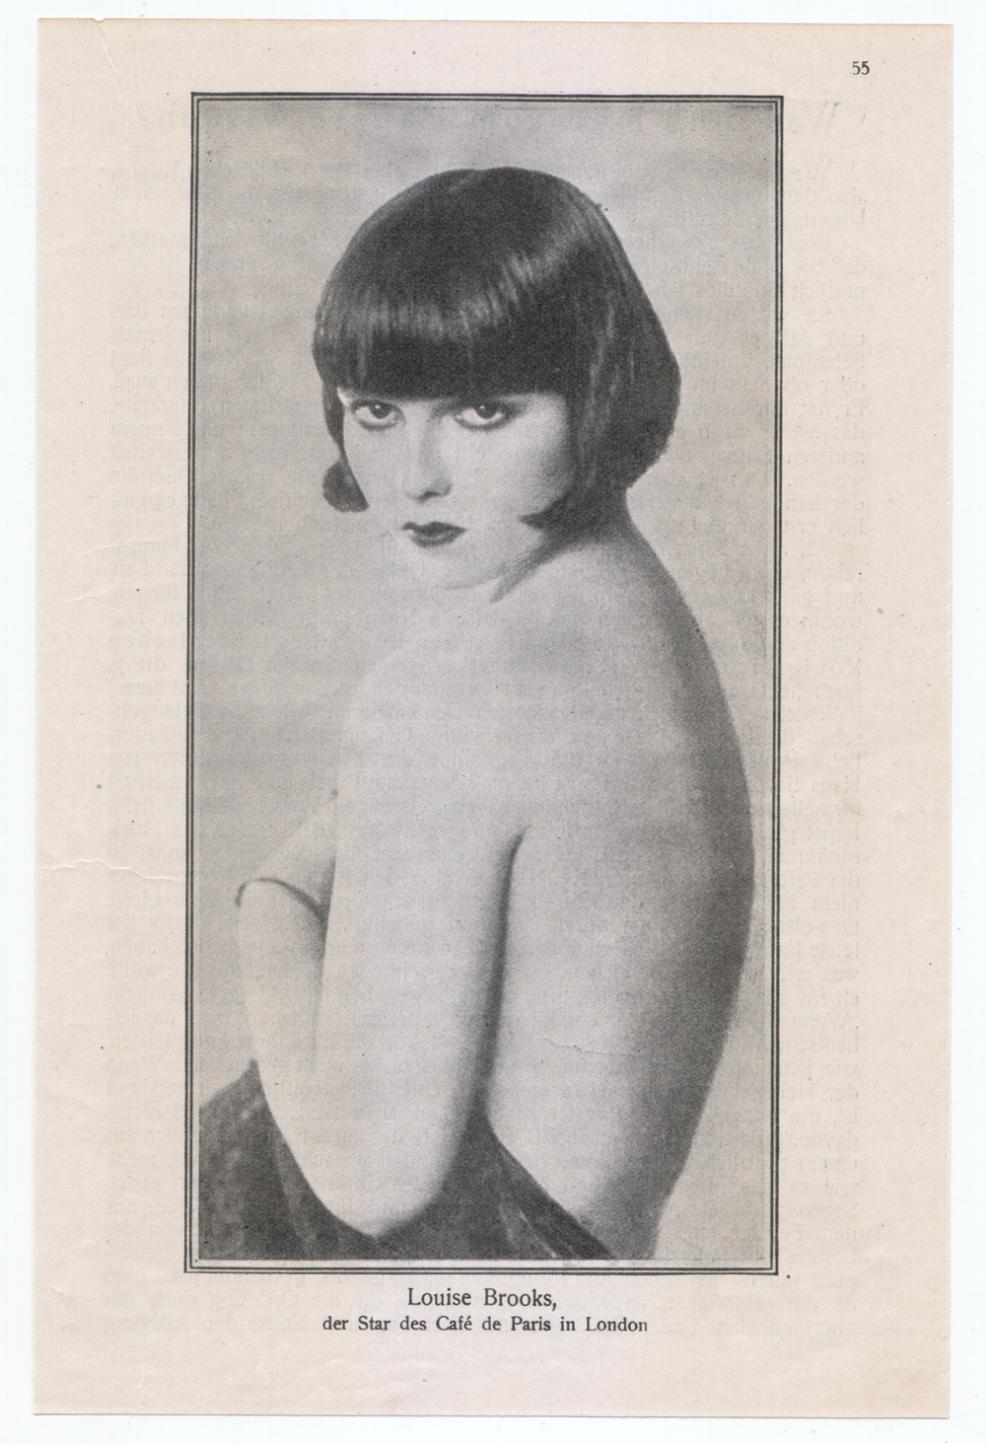 1925 Louise Brooks at the Café de Paris